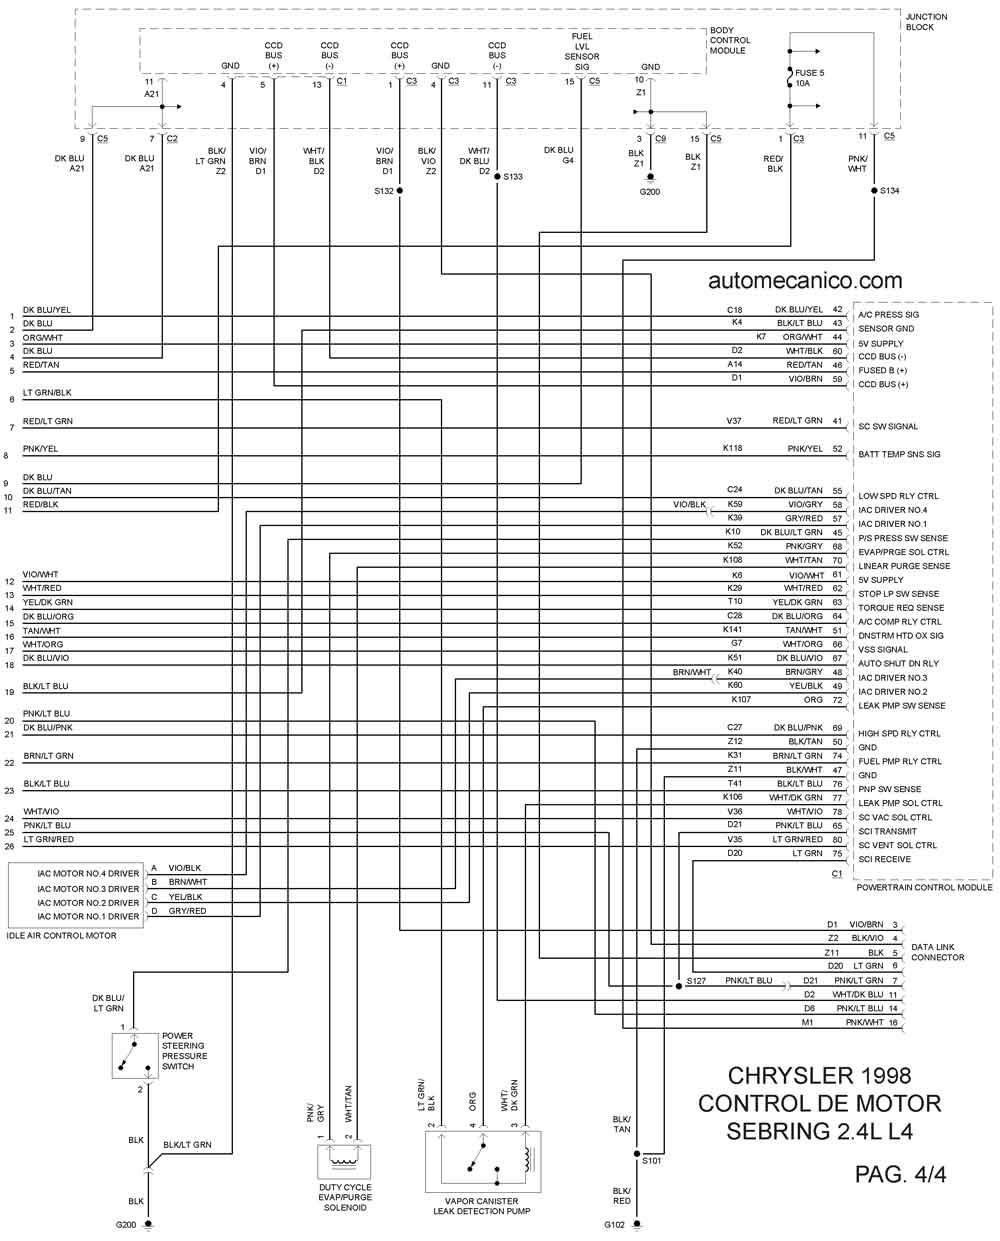 Chrysler 1998 Diagramas Esquemas Graphics